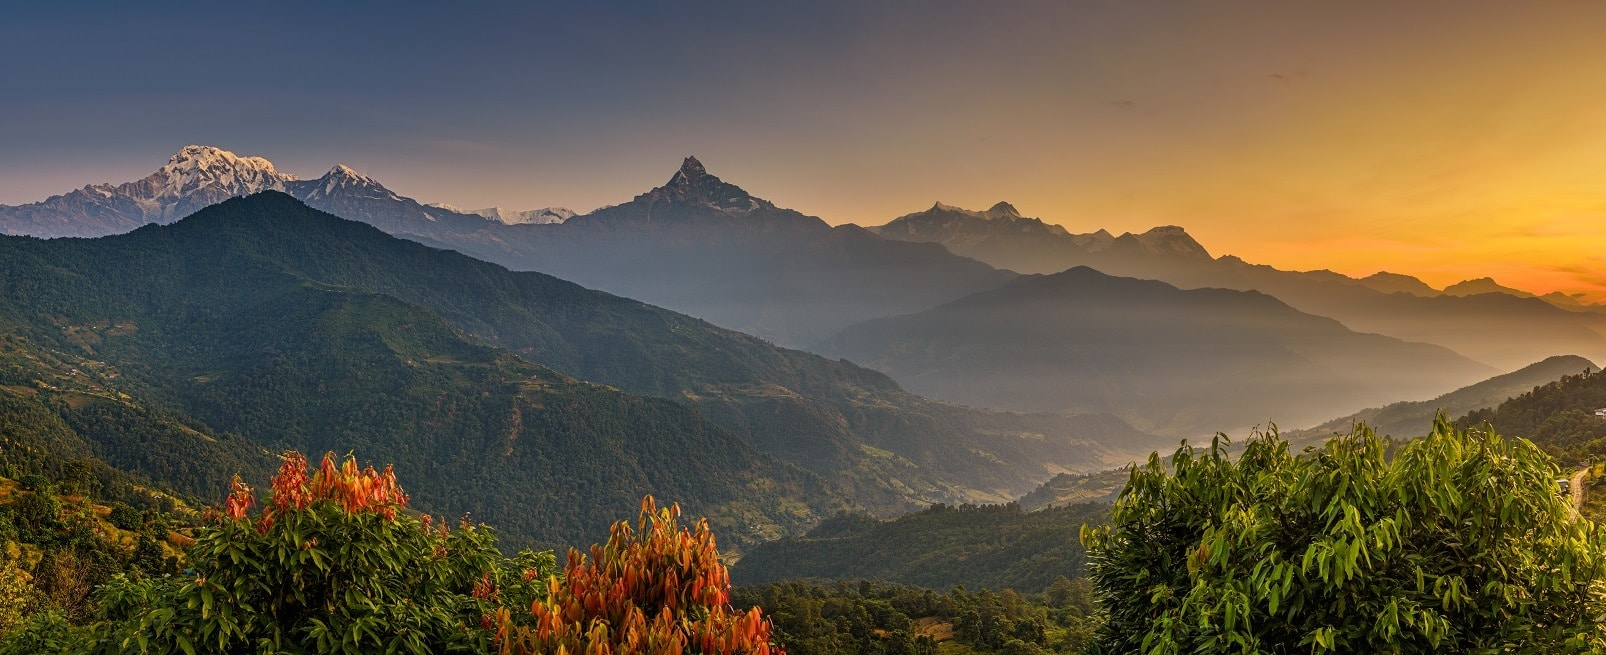 Gebirge in der Annapurna Region am Sonnenuntergang